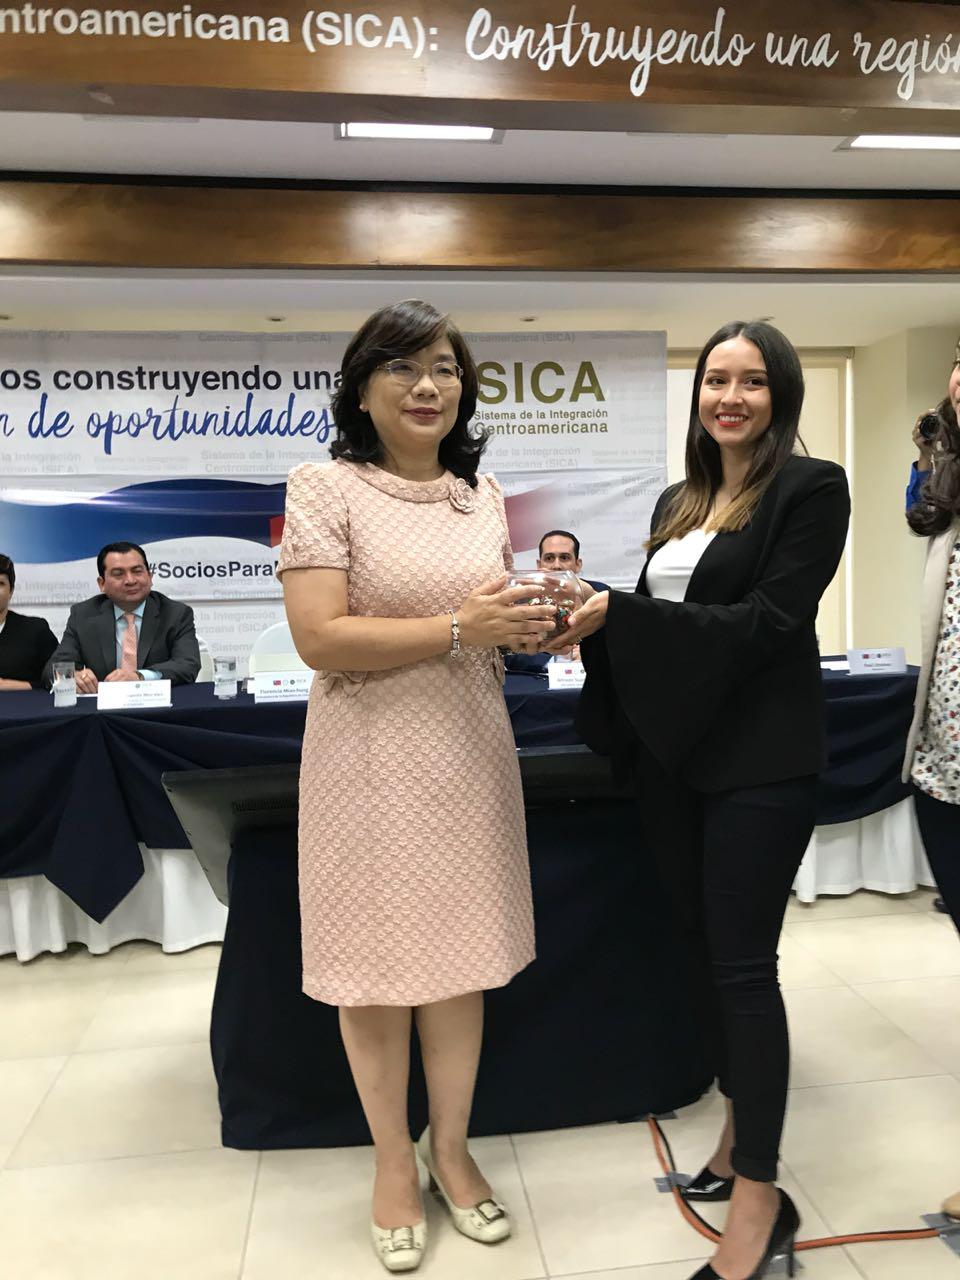 Taiwán reafirma su compromiso con la inclusión social y el respeto de los derechos humanos en la región